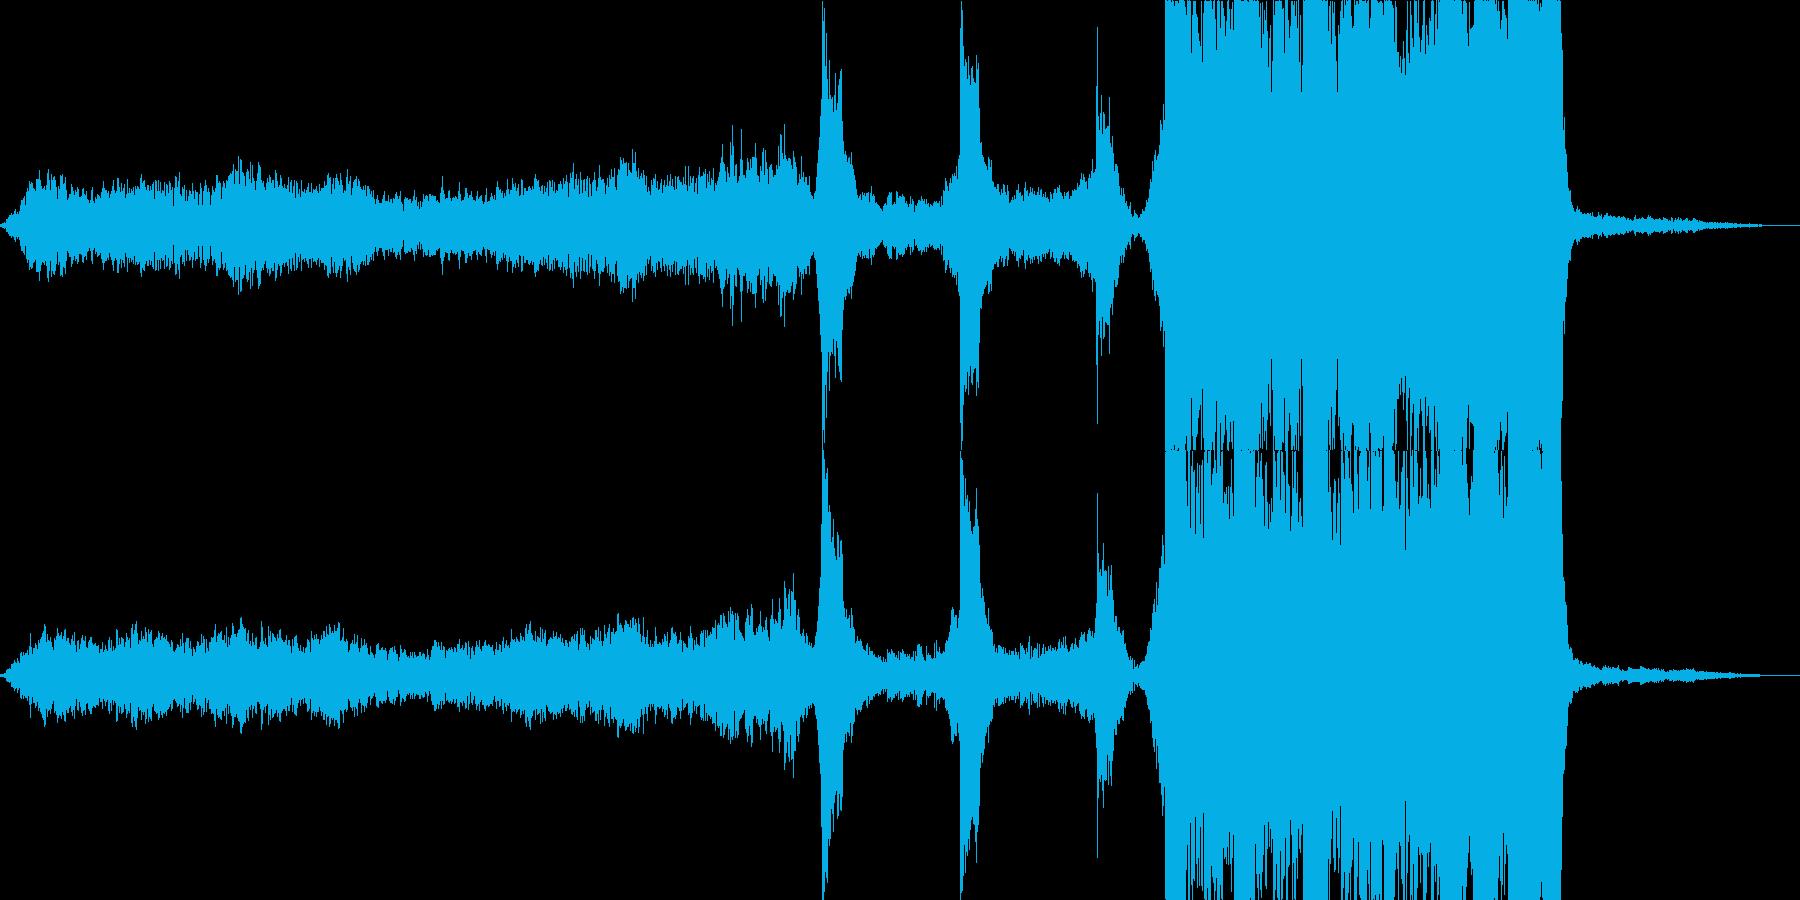 雄大なダイナミクスを持つ映画トレーラーの再生済みの波形